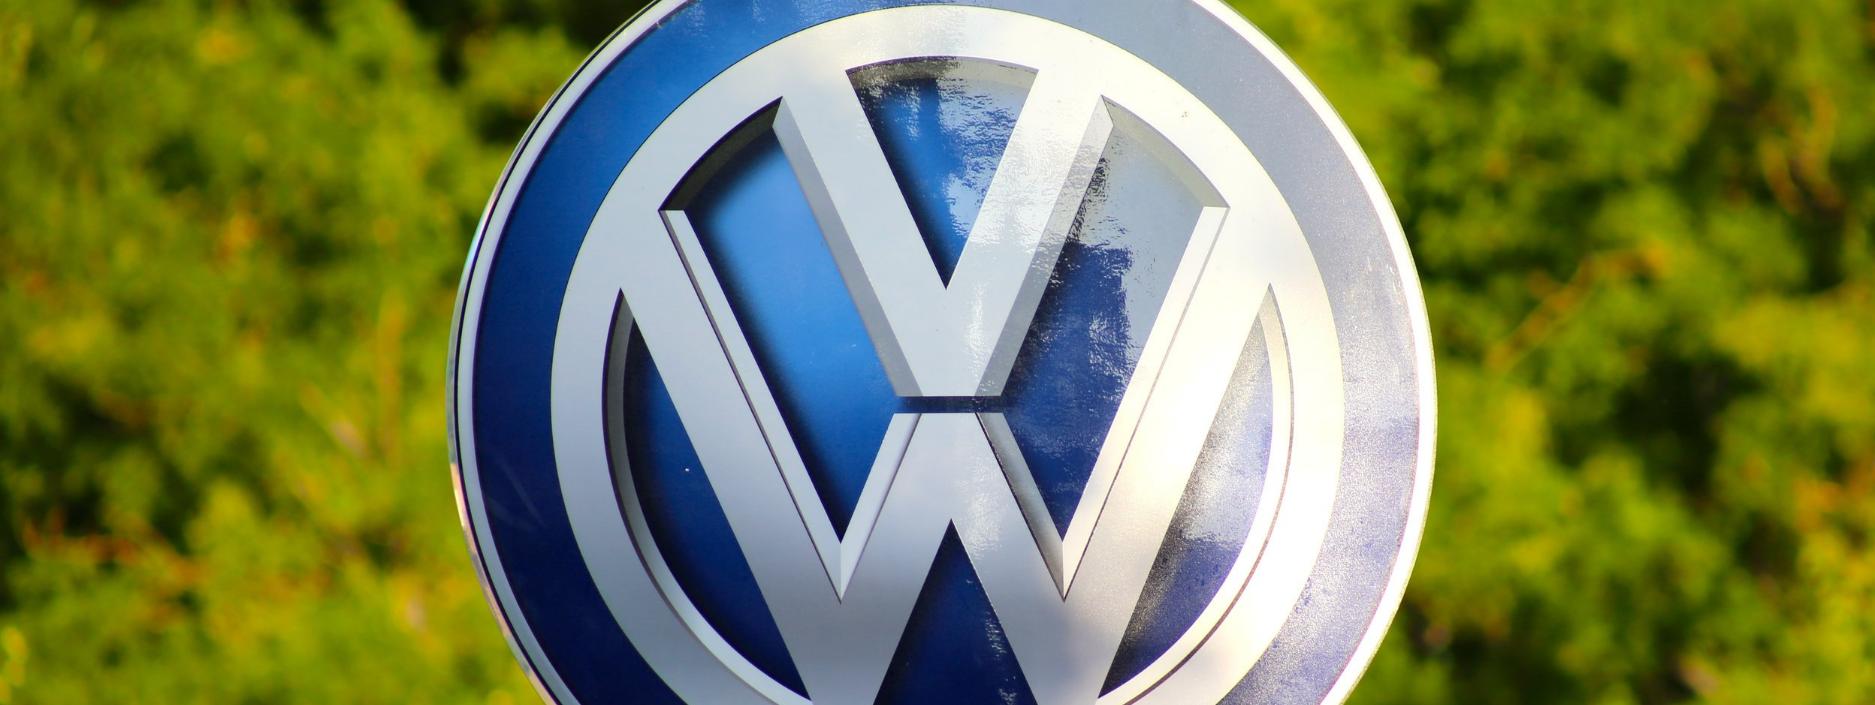 Volkswagen headquarters